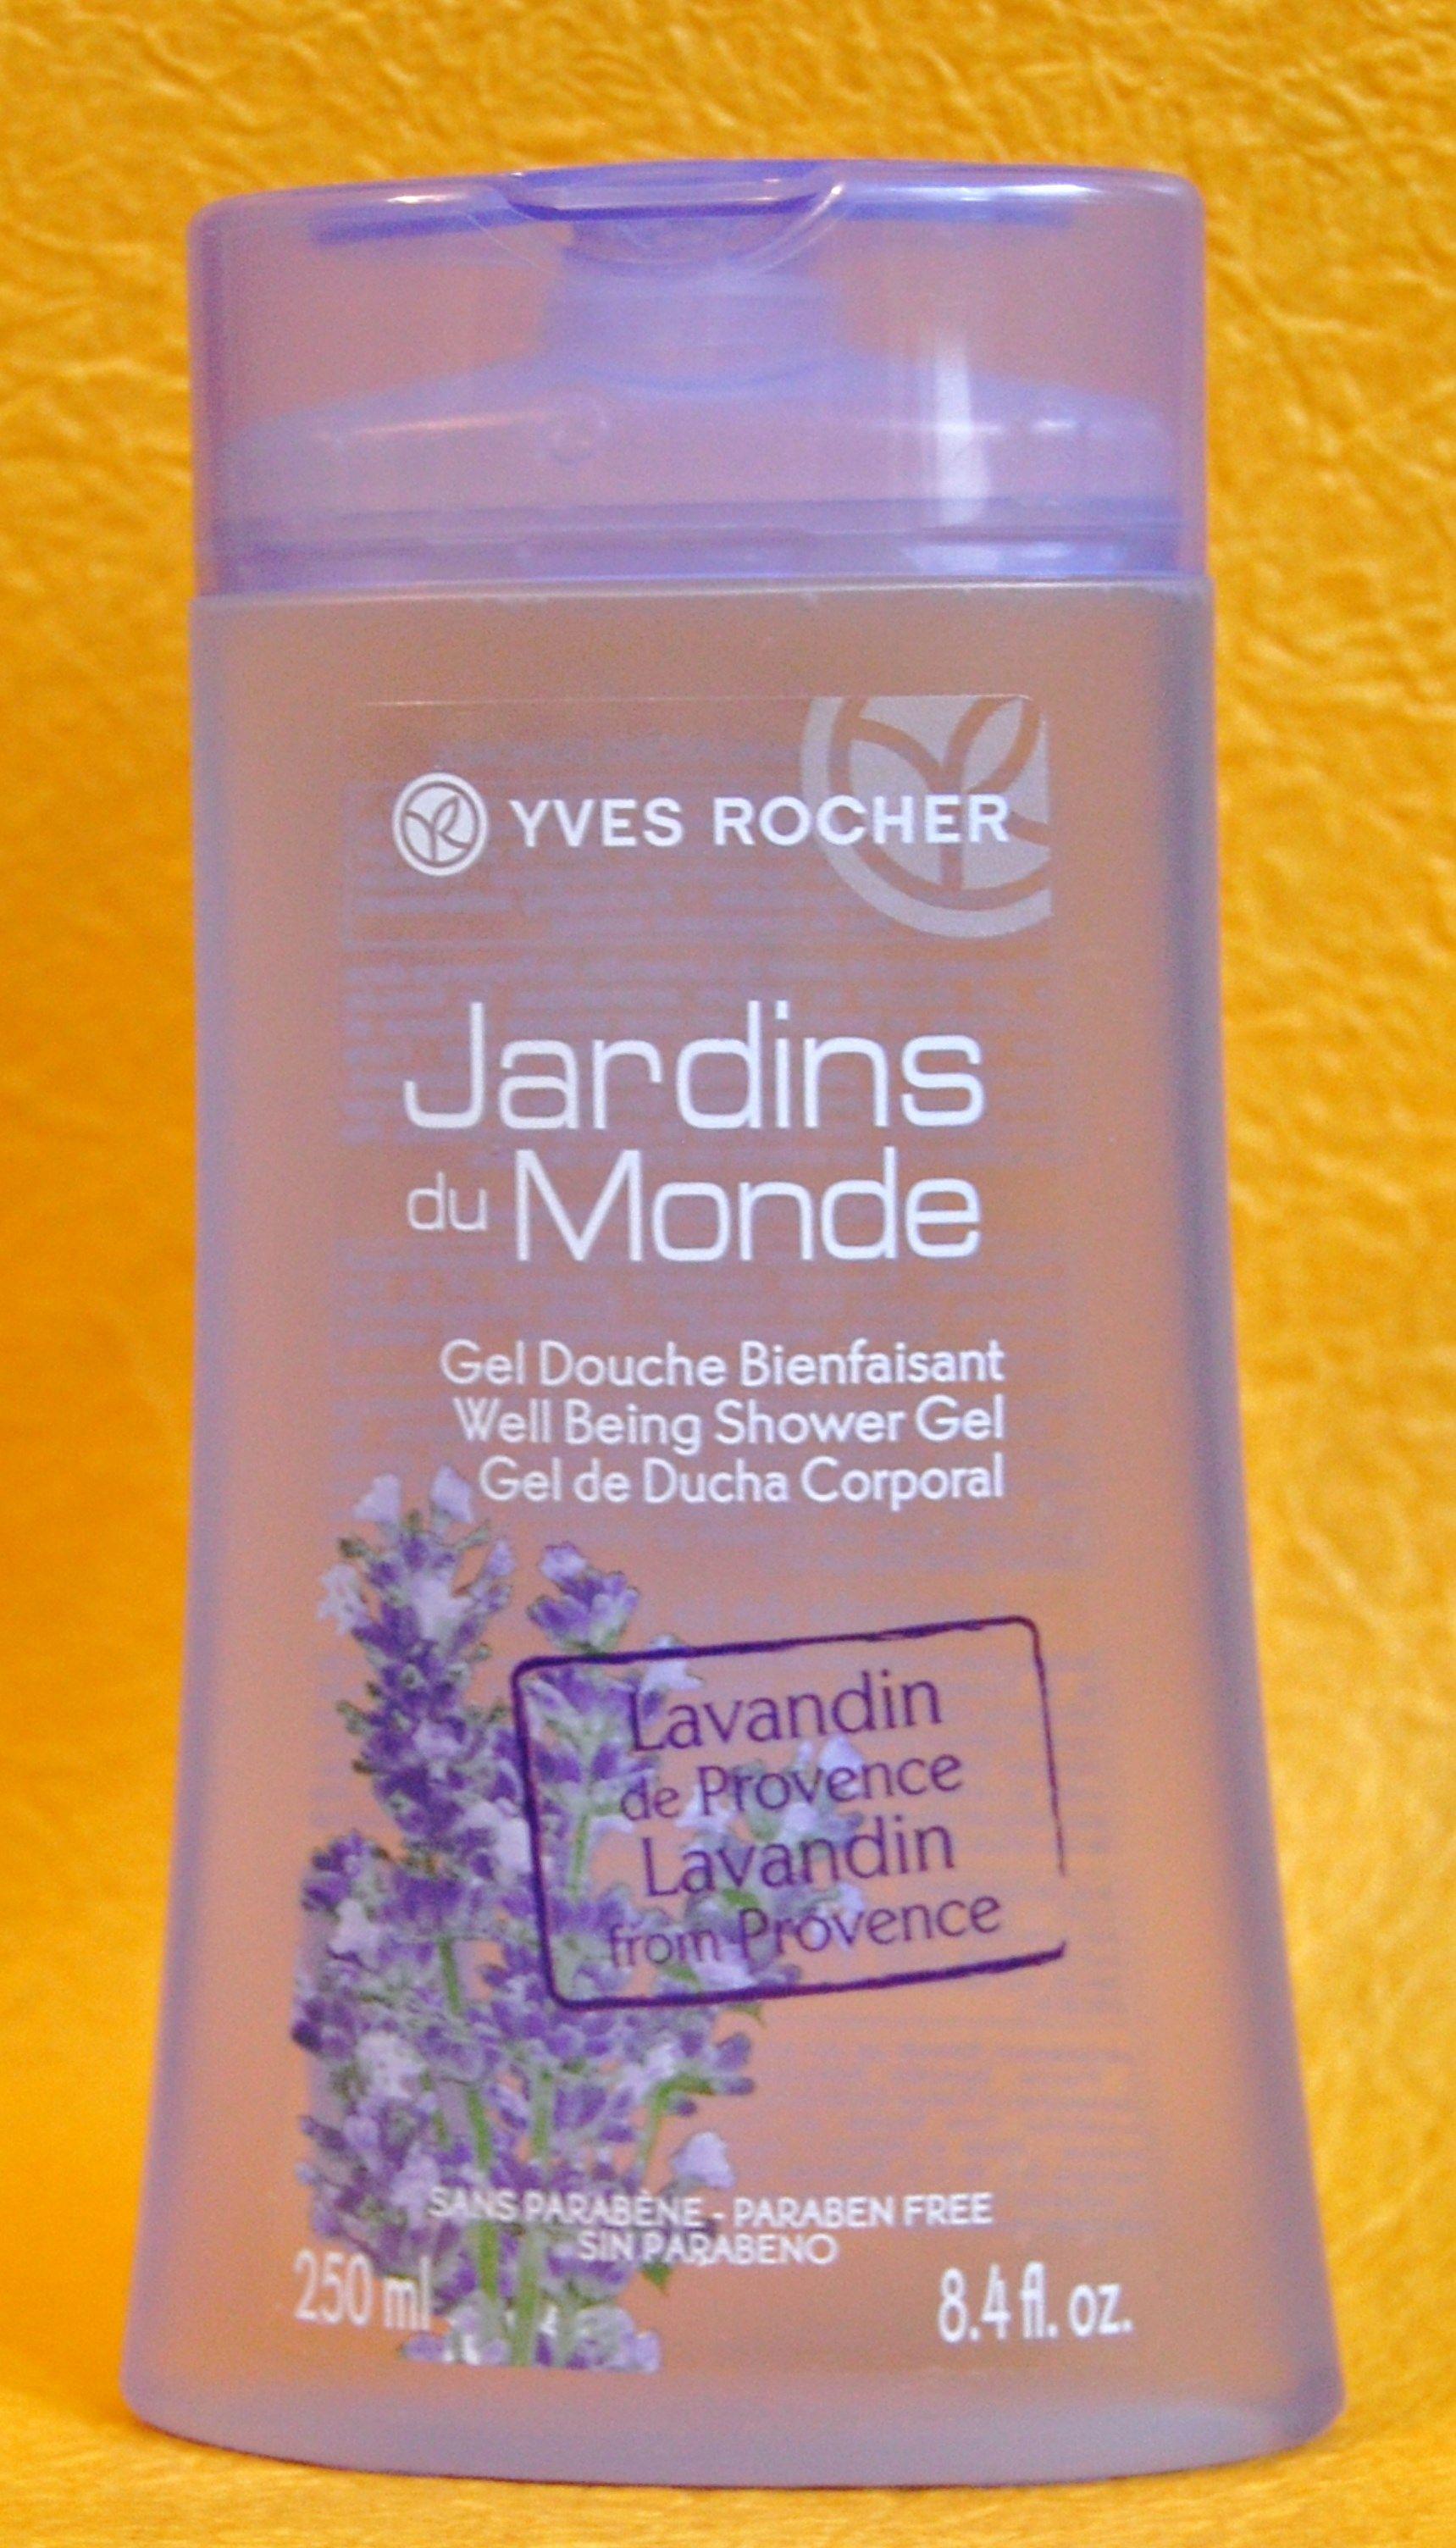 Yves Rocher Jardins Du Monde Shower Gel Paraben Free Products